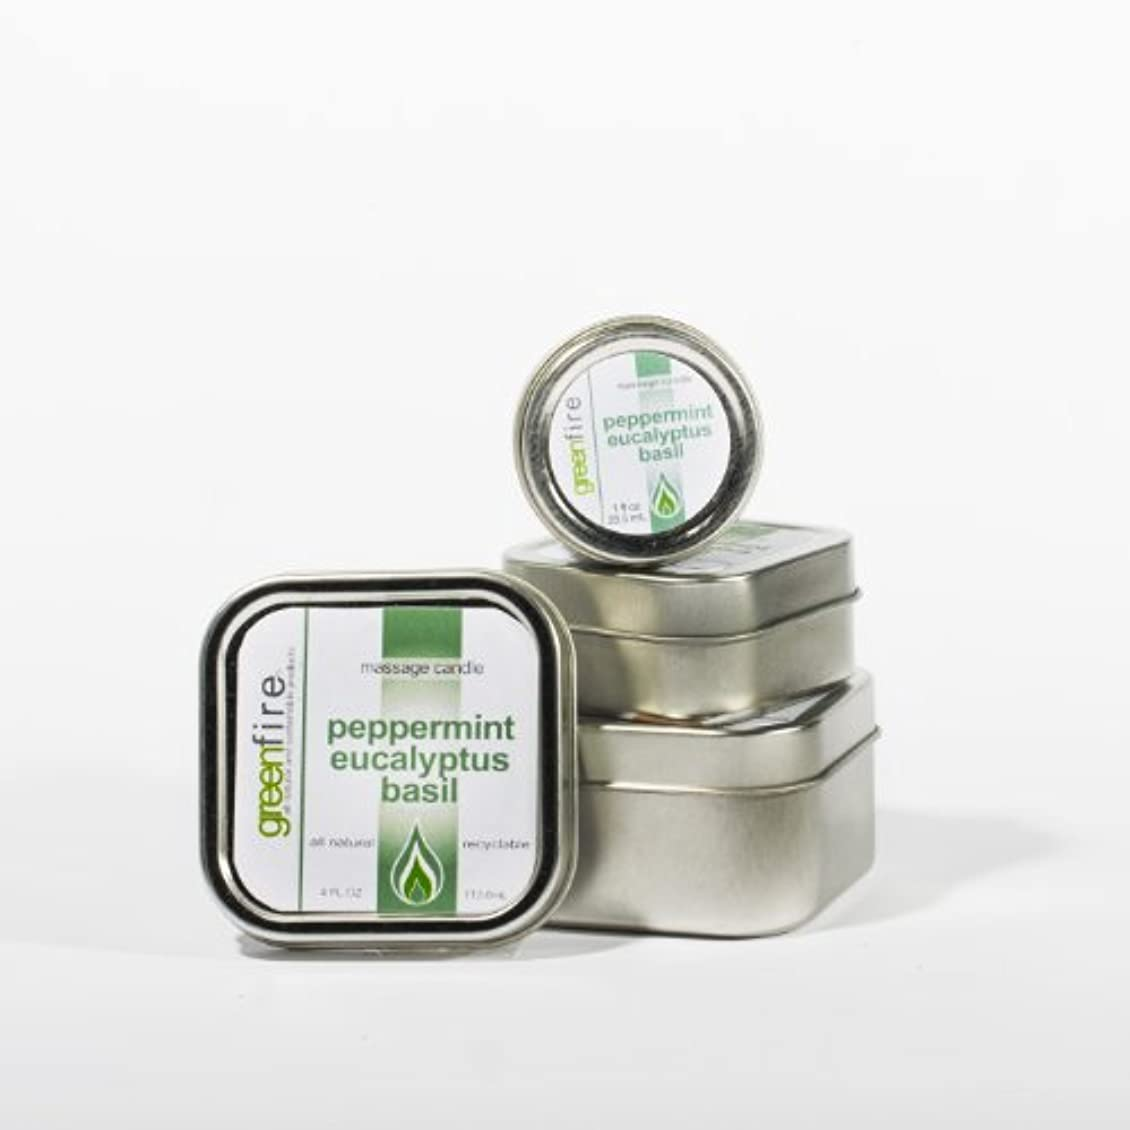 覆す安全でない一貫性のないグリーンファイヤーマッサージキャンドル/3パック入り ペパーミント?ユーカリ?バジルの香り(サイズ:29.6mL、59.1mL、118.3mL)